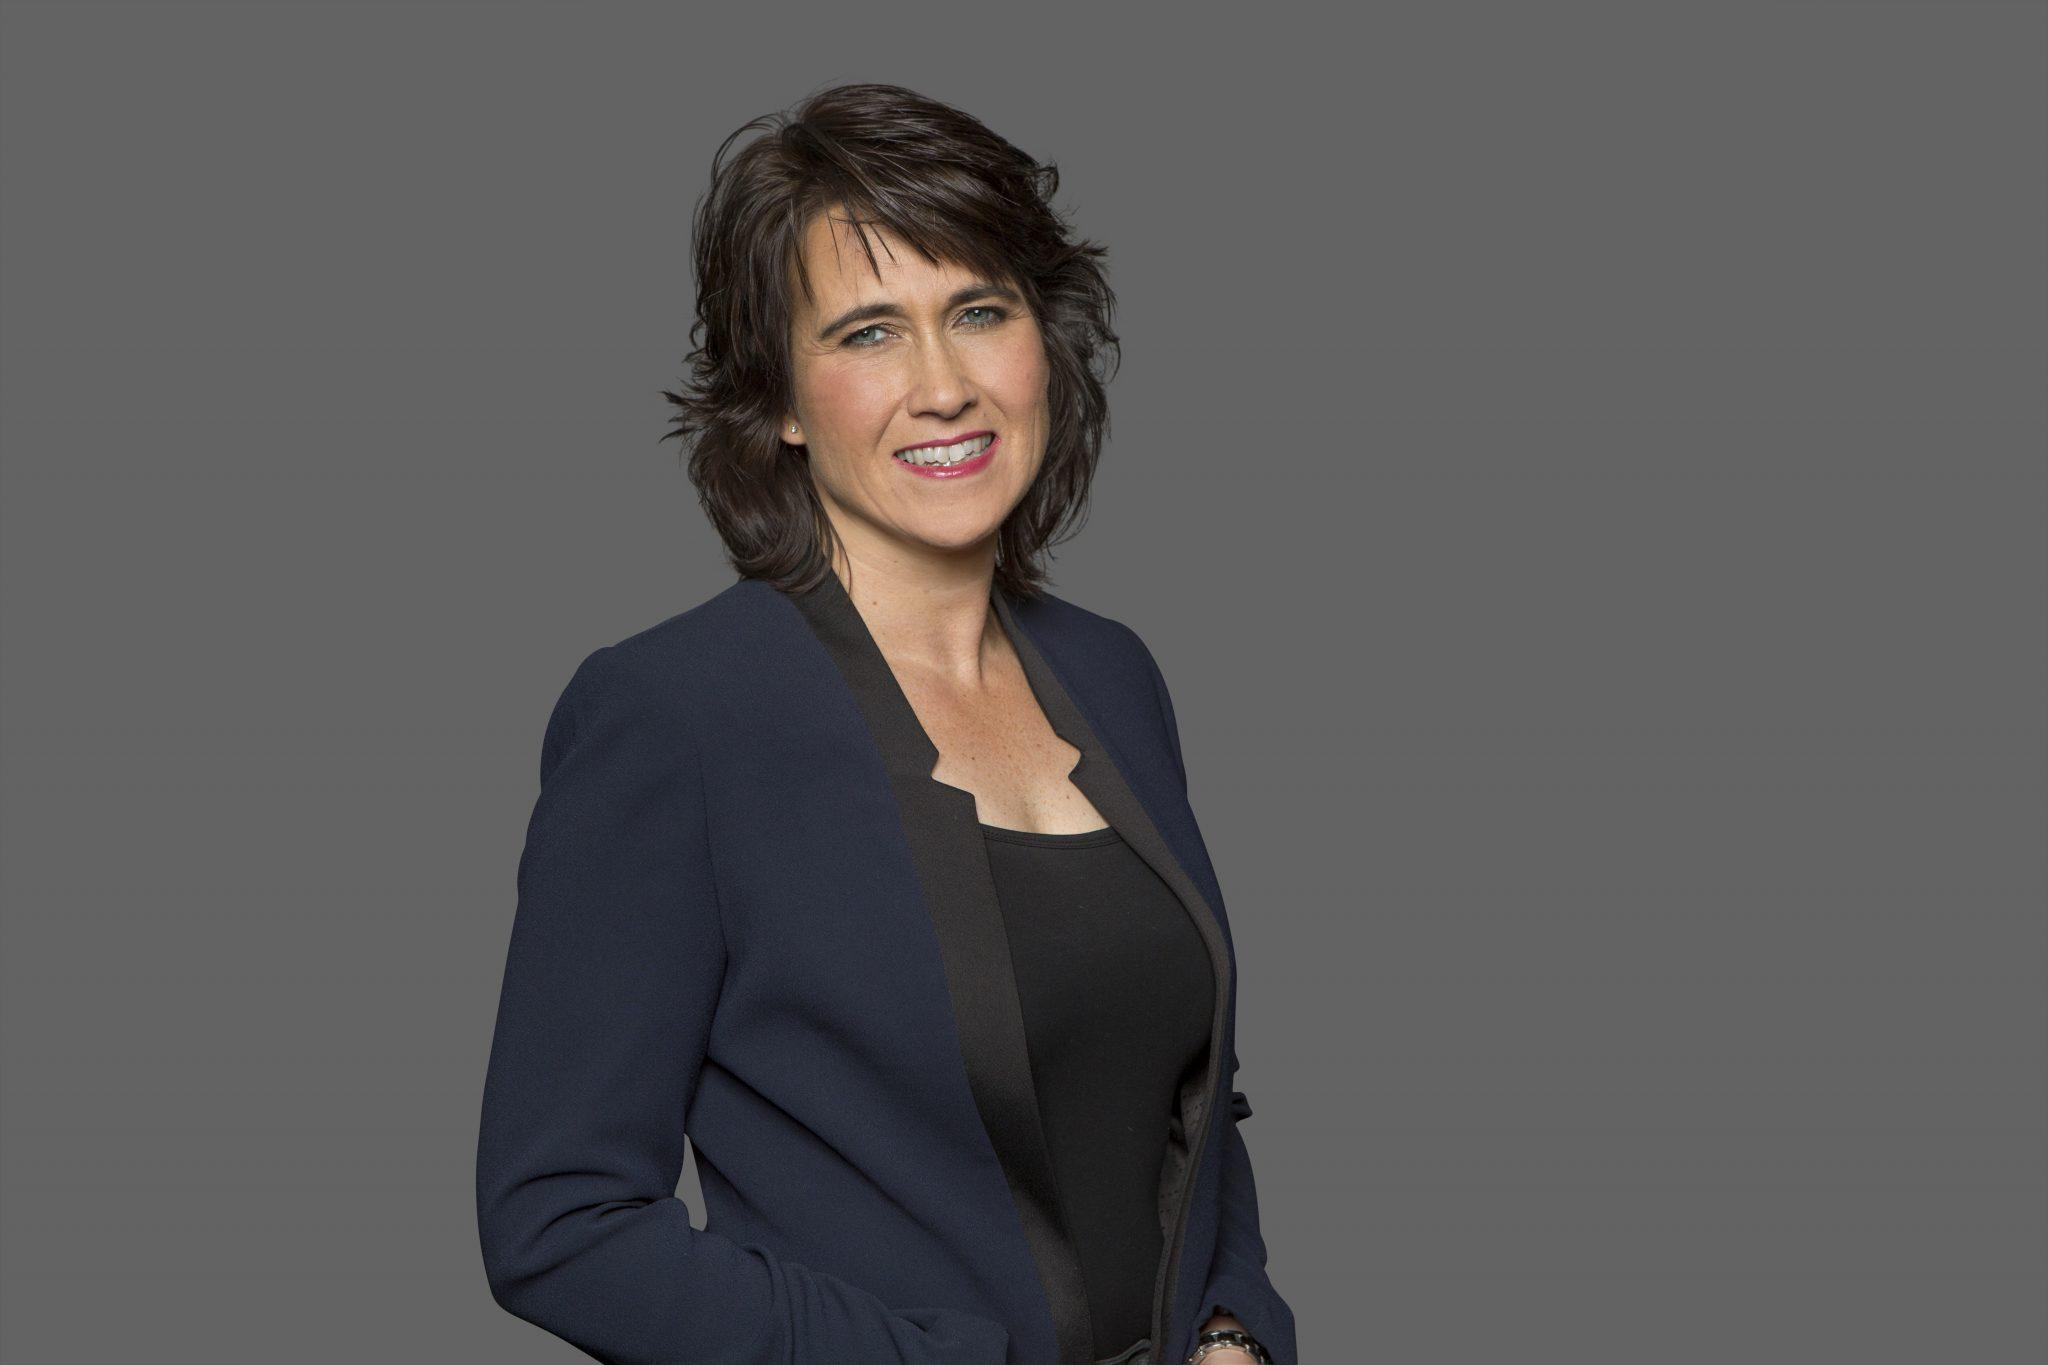 Manana Hulstein